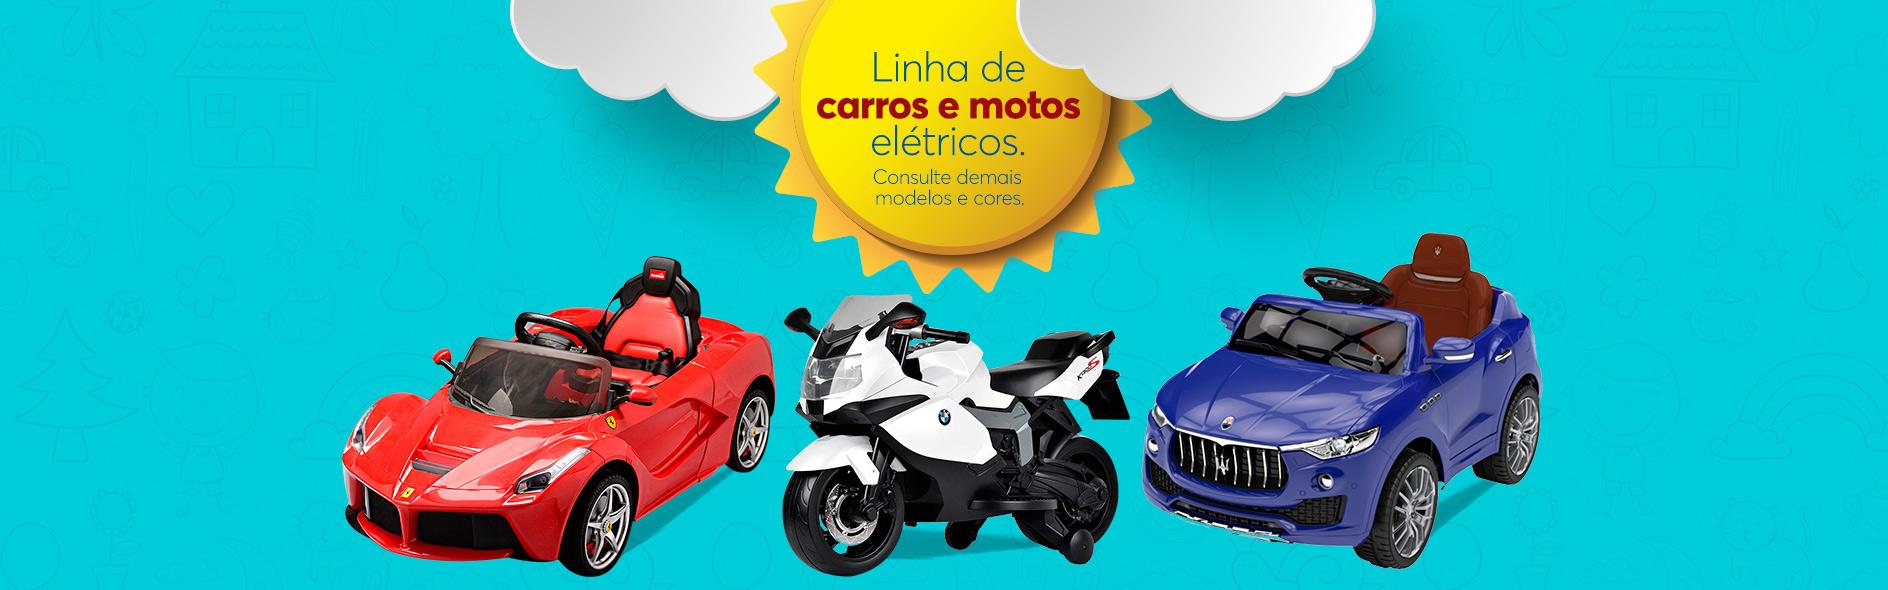 Carros e Motos elétricas